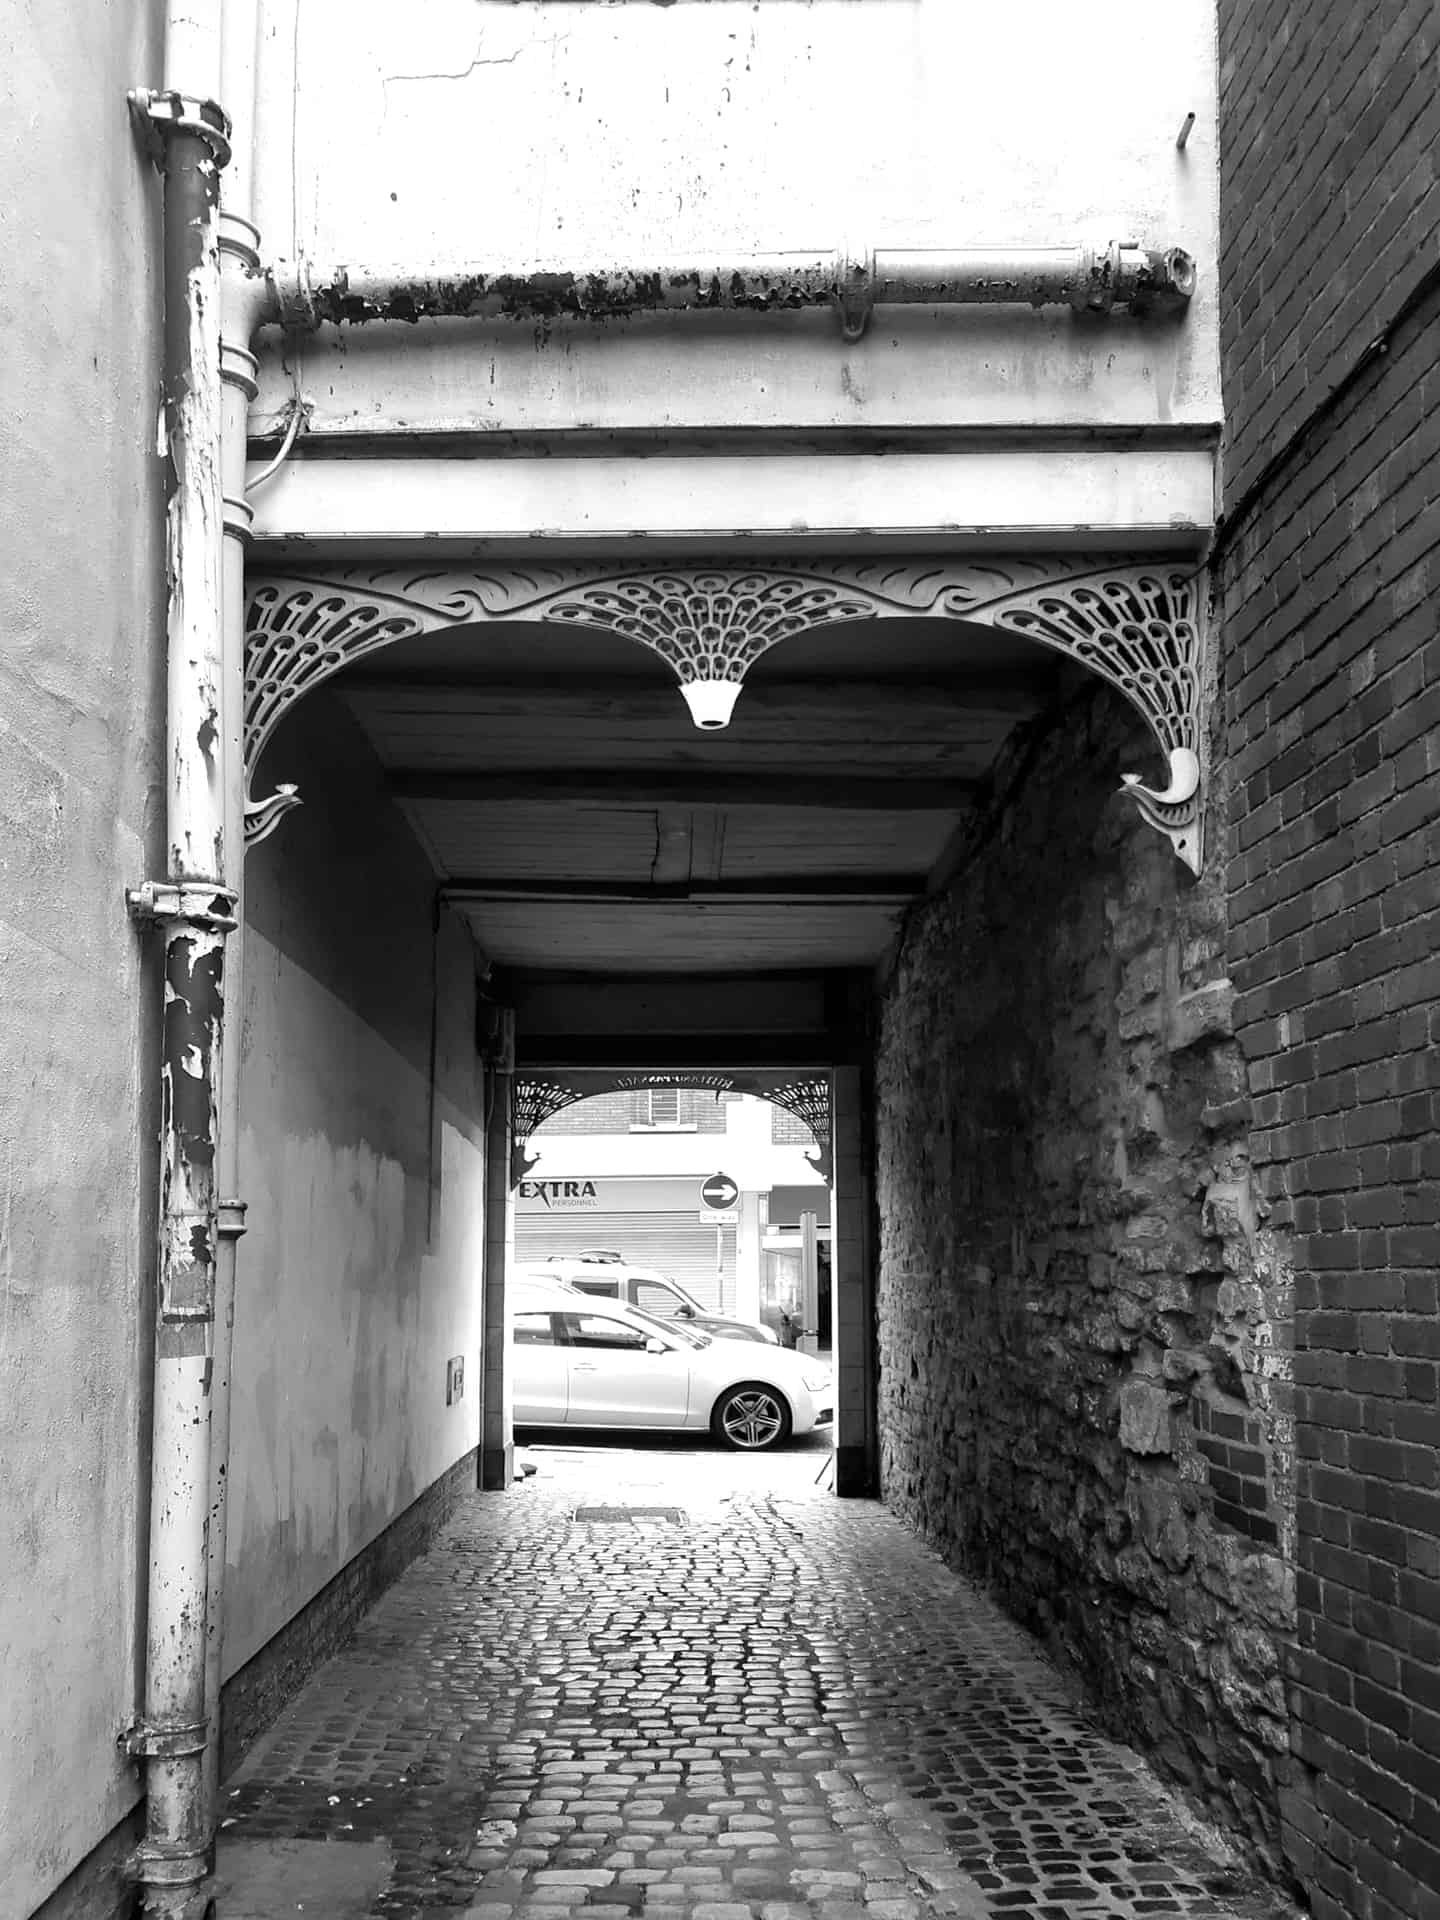 Rutland Passage, off Dudley High street